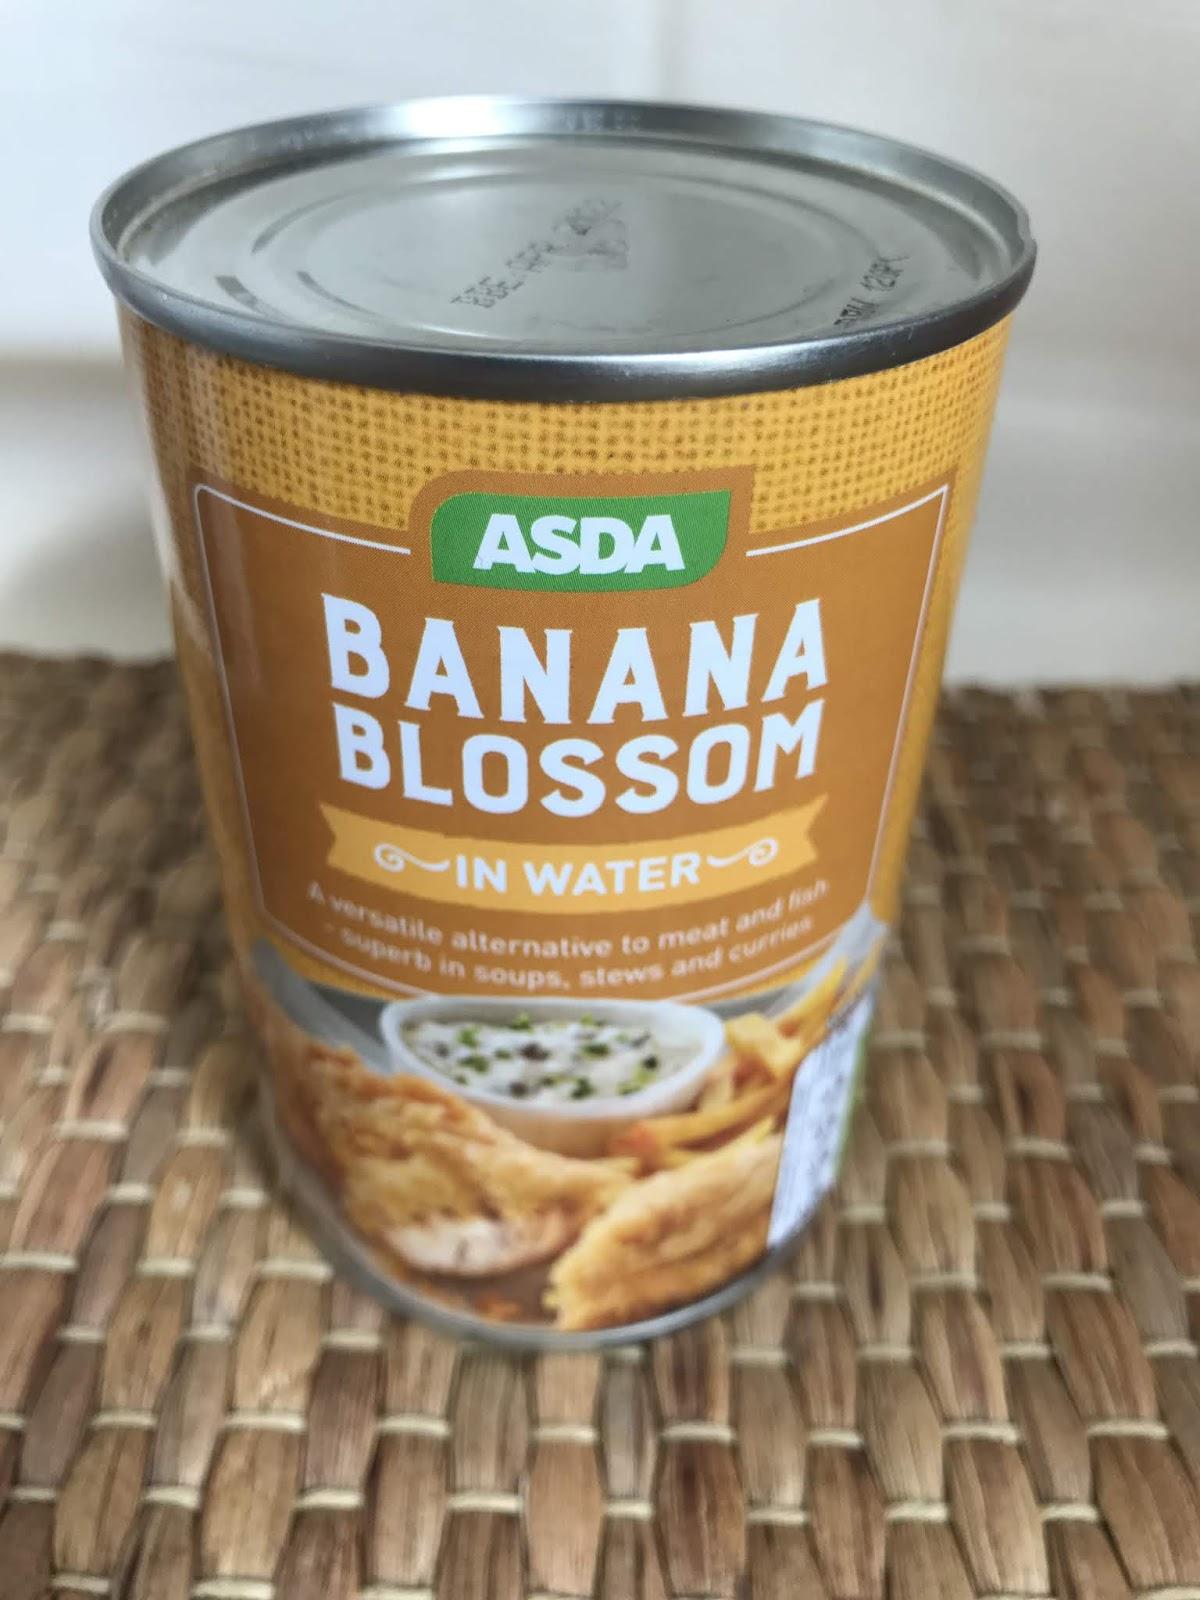 Asda Tinned Banana Blossom Review